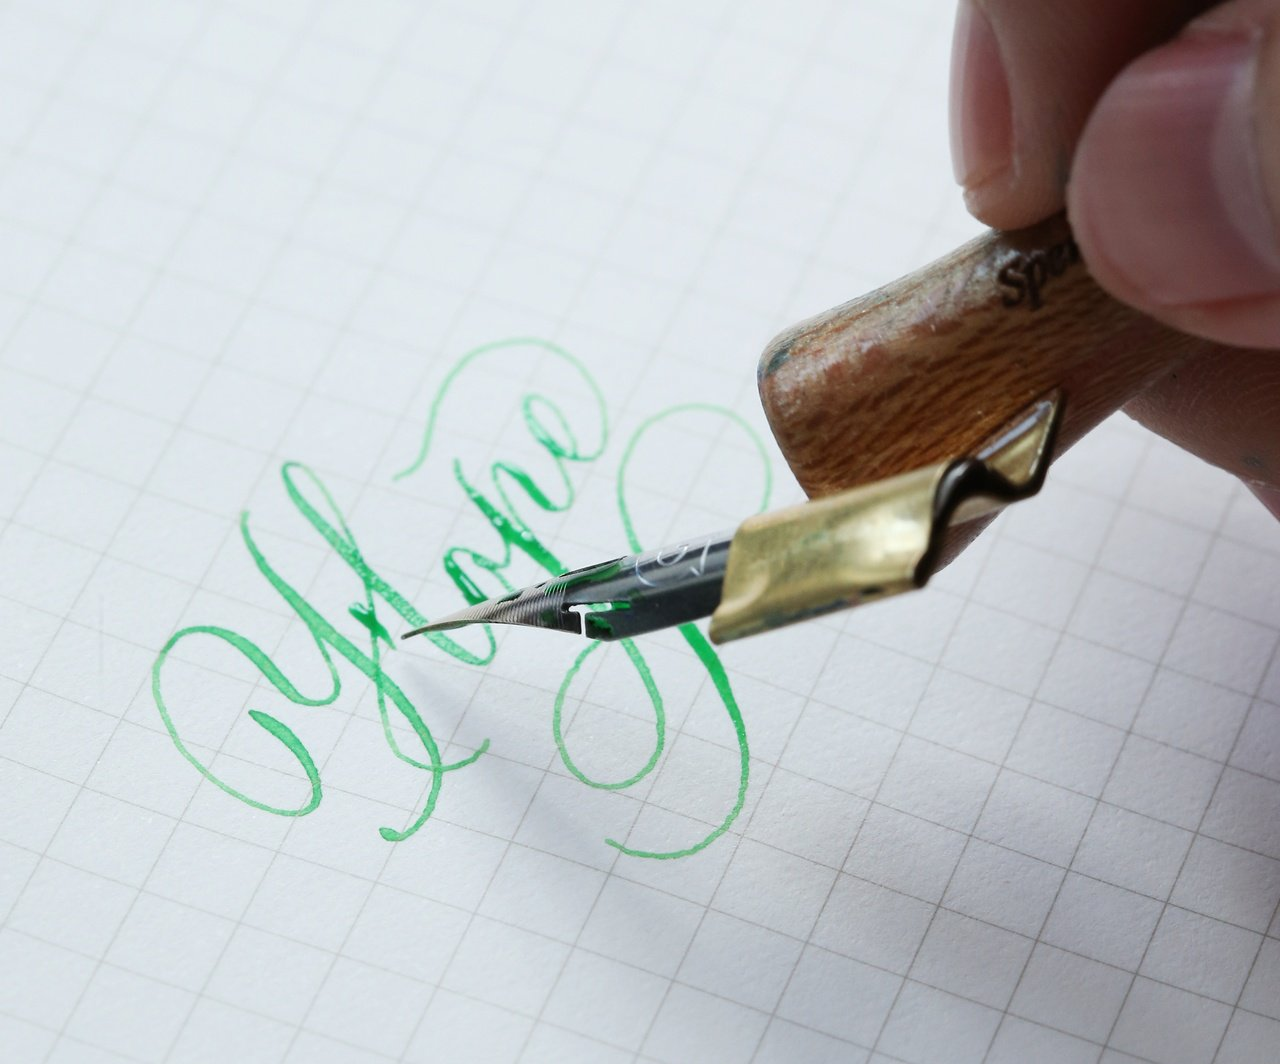 字體的優雅線條與暈染的墨水在紙上留下美麗痕跡。